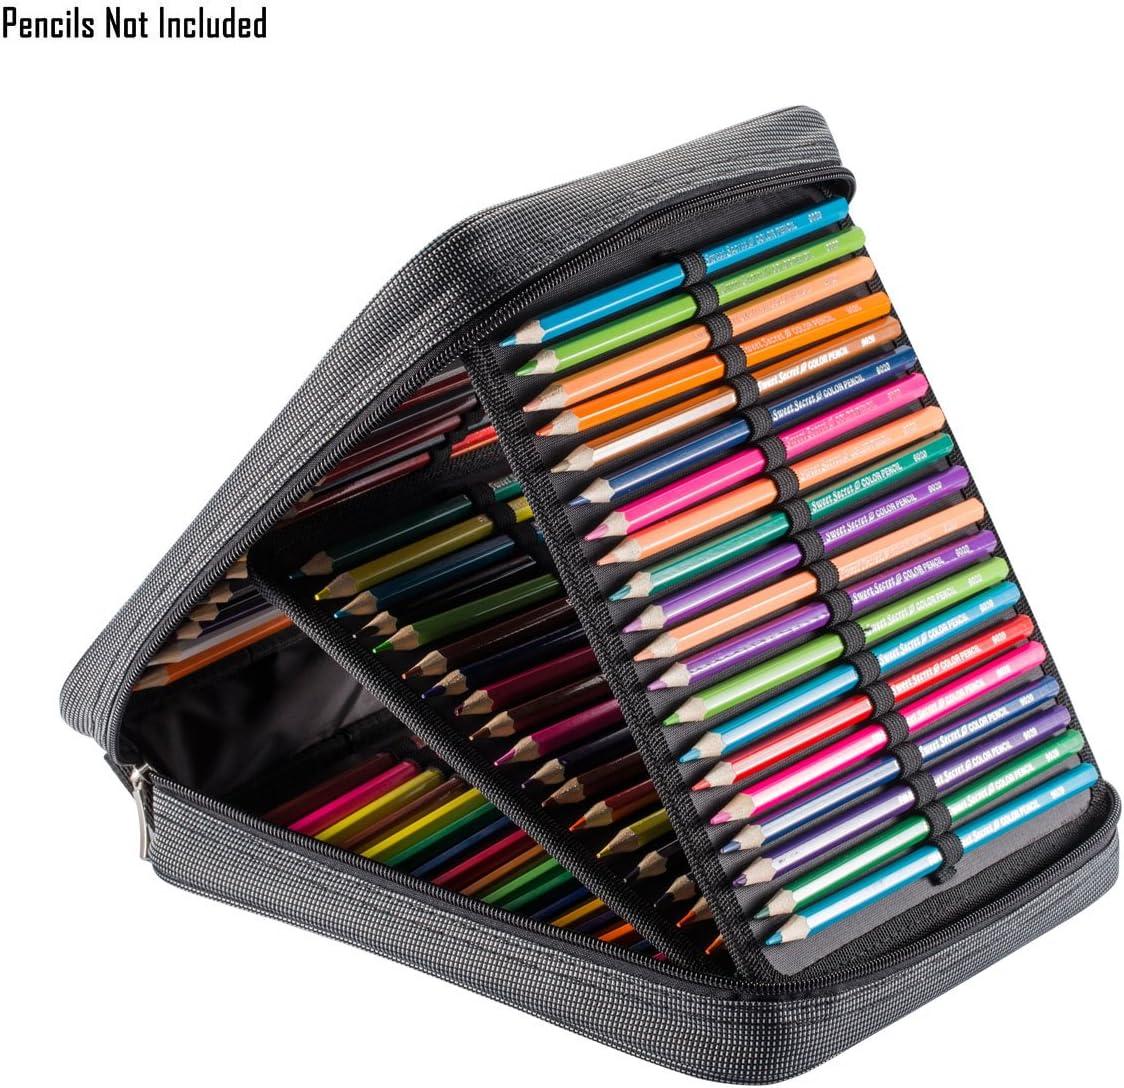 Estuche UTRO de tela oxford, de gran capacidad (120 lápices normales), con asa , color gris: Amazon.es: Oficina y papelería